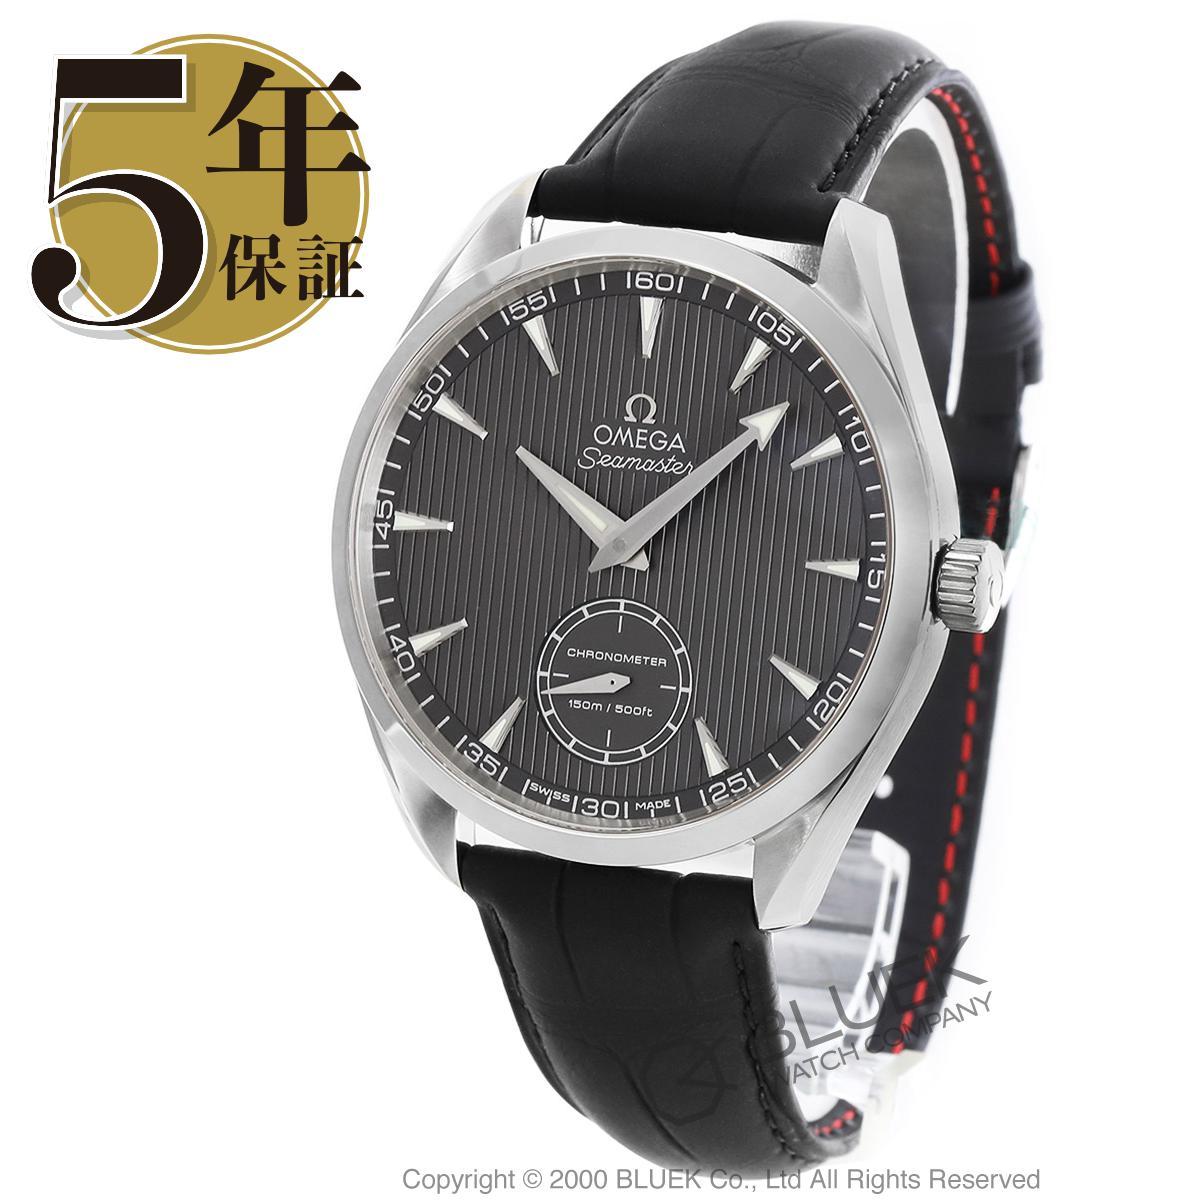 オメガ シーマスター アクアテラ アリゲーターレザー 腕時計 メンズ OMEGA 231.13.49.10.06.001_5